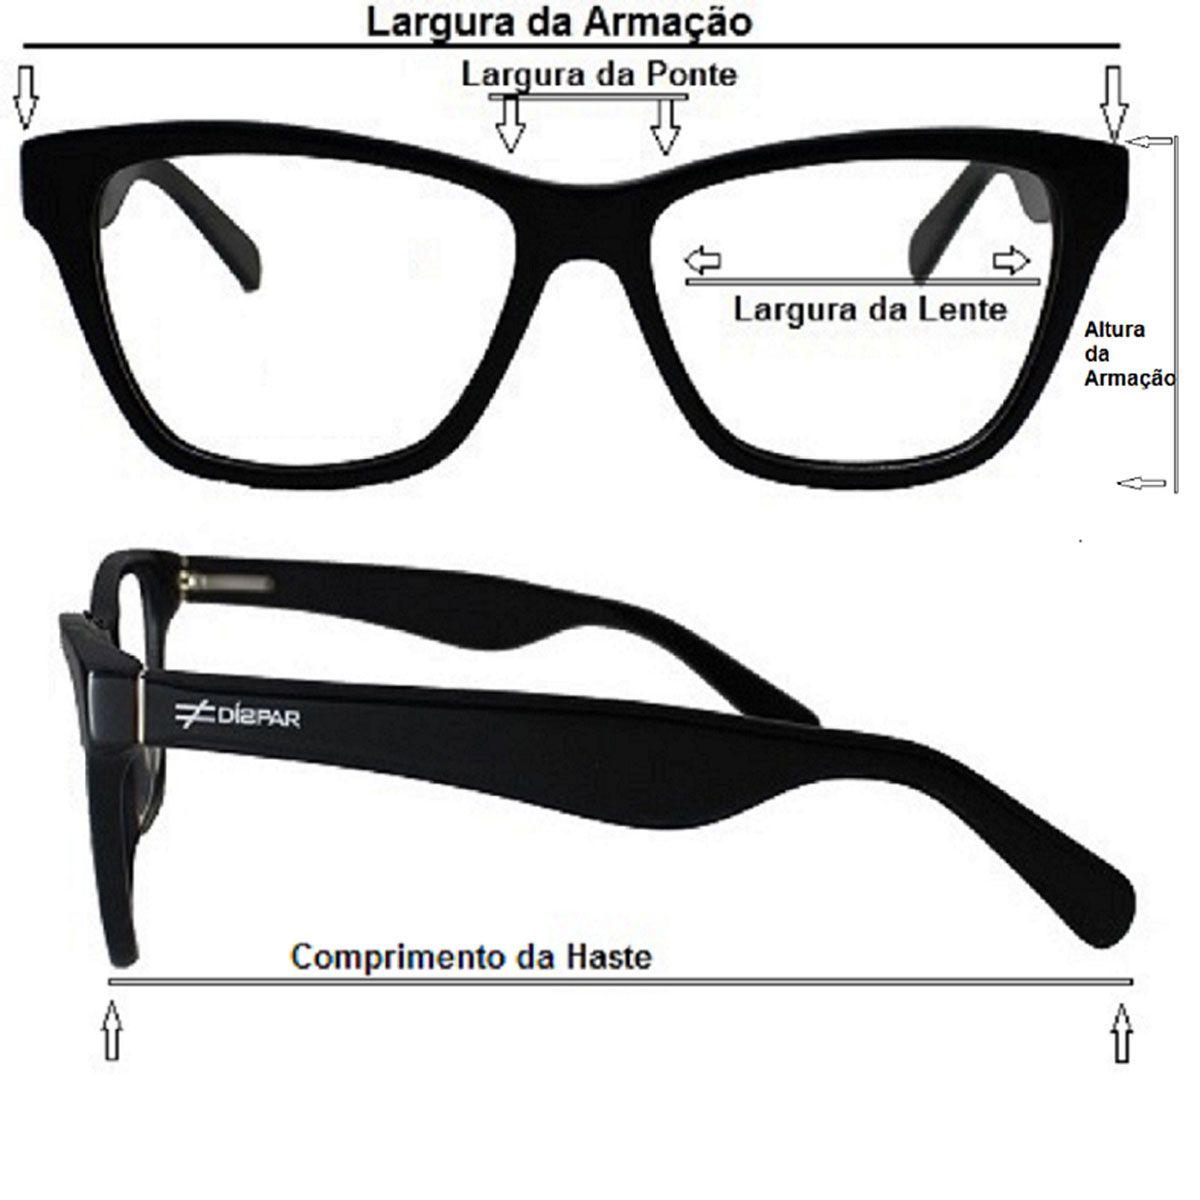 Óculos de Sol Díspar ID1894 infantil -  Preto